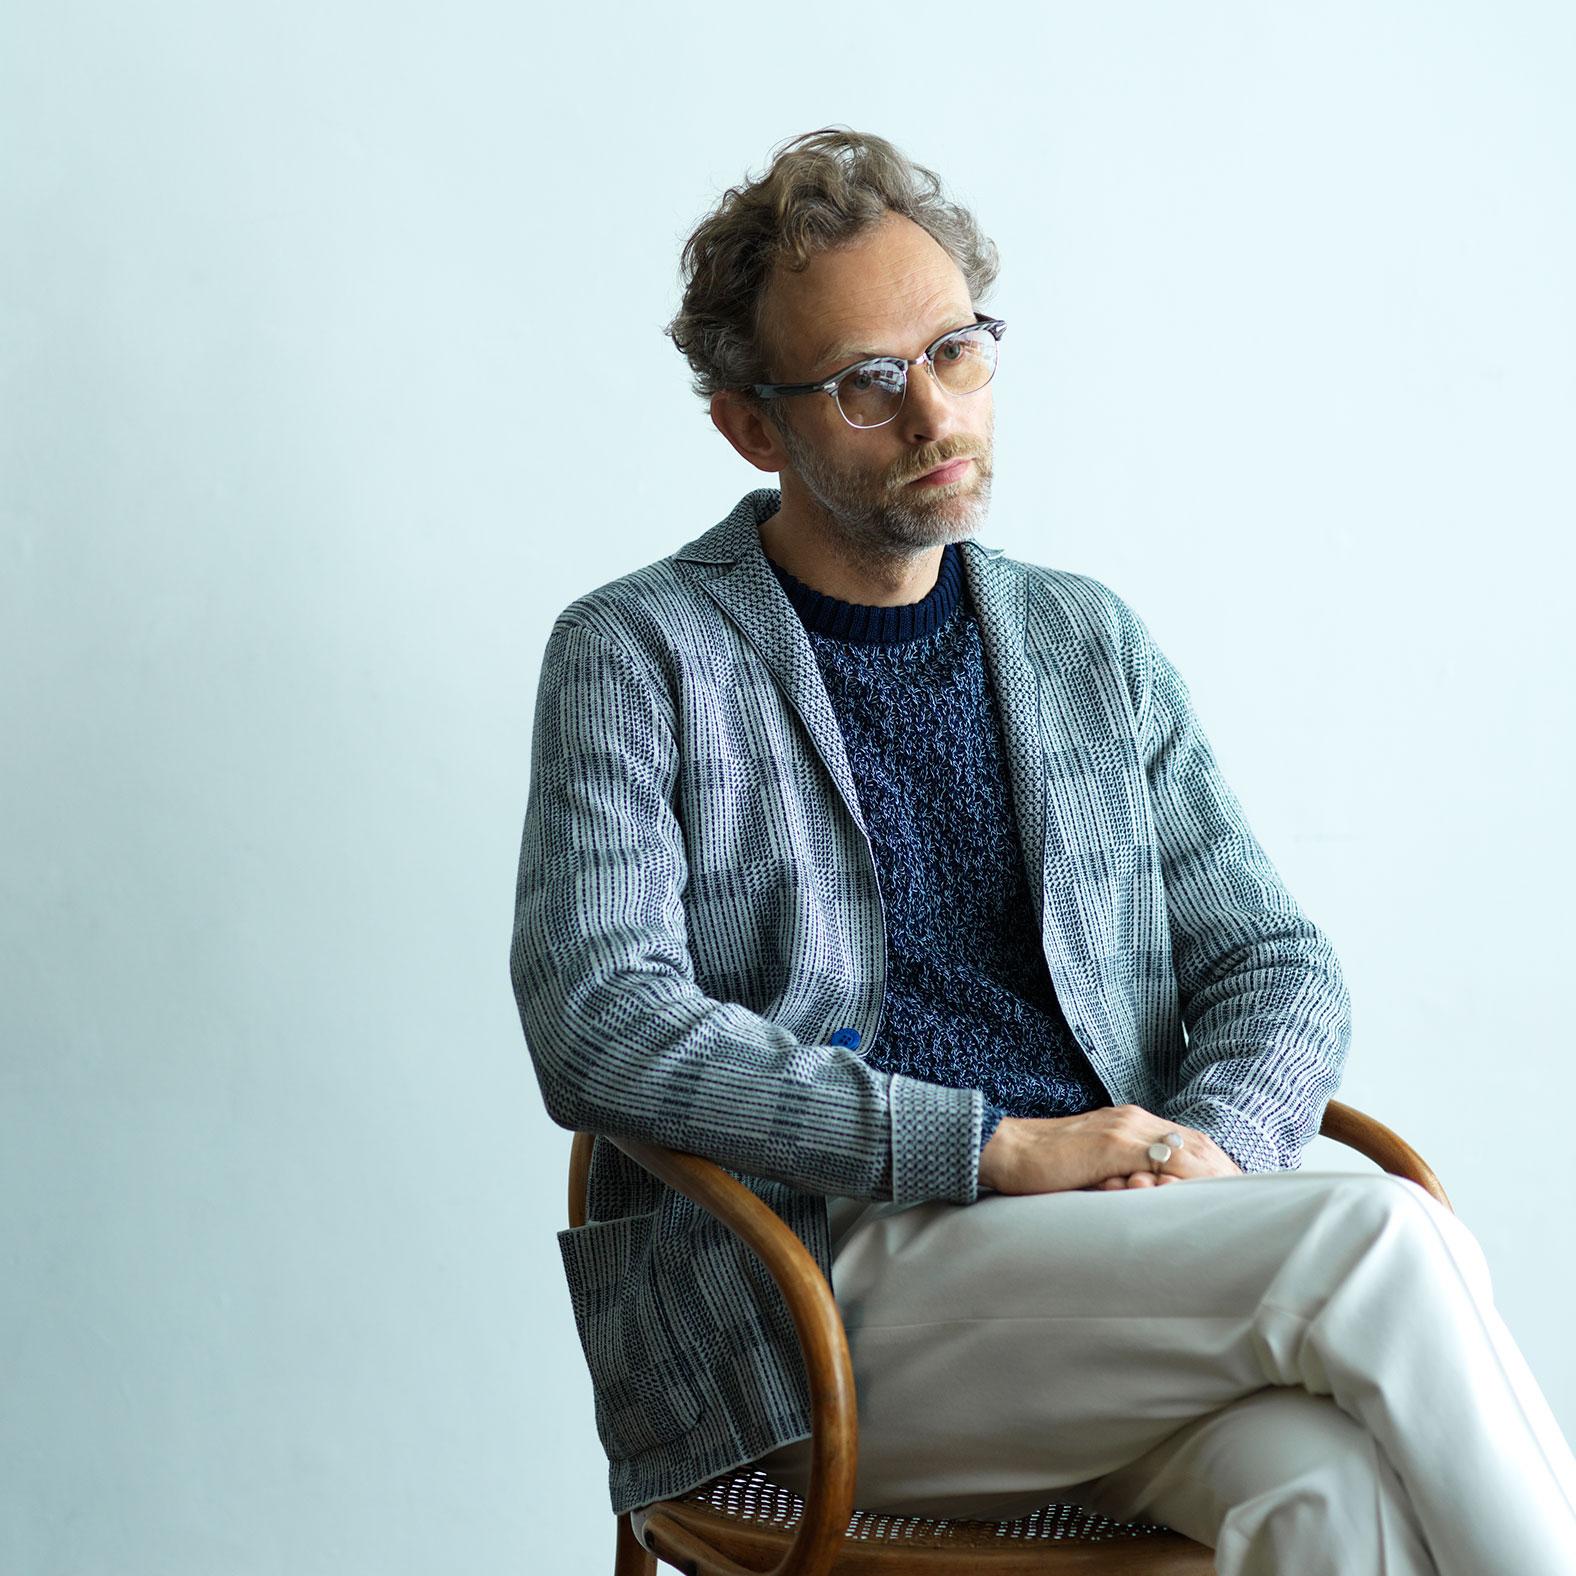 クルチアーニ 公式サイト「コレクション」ボーダーのセーターを着る男性の画像